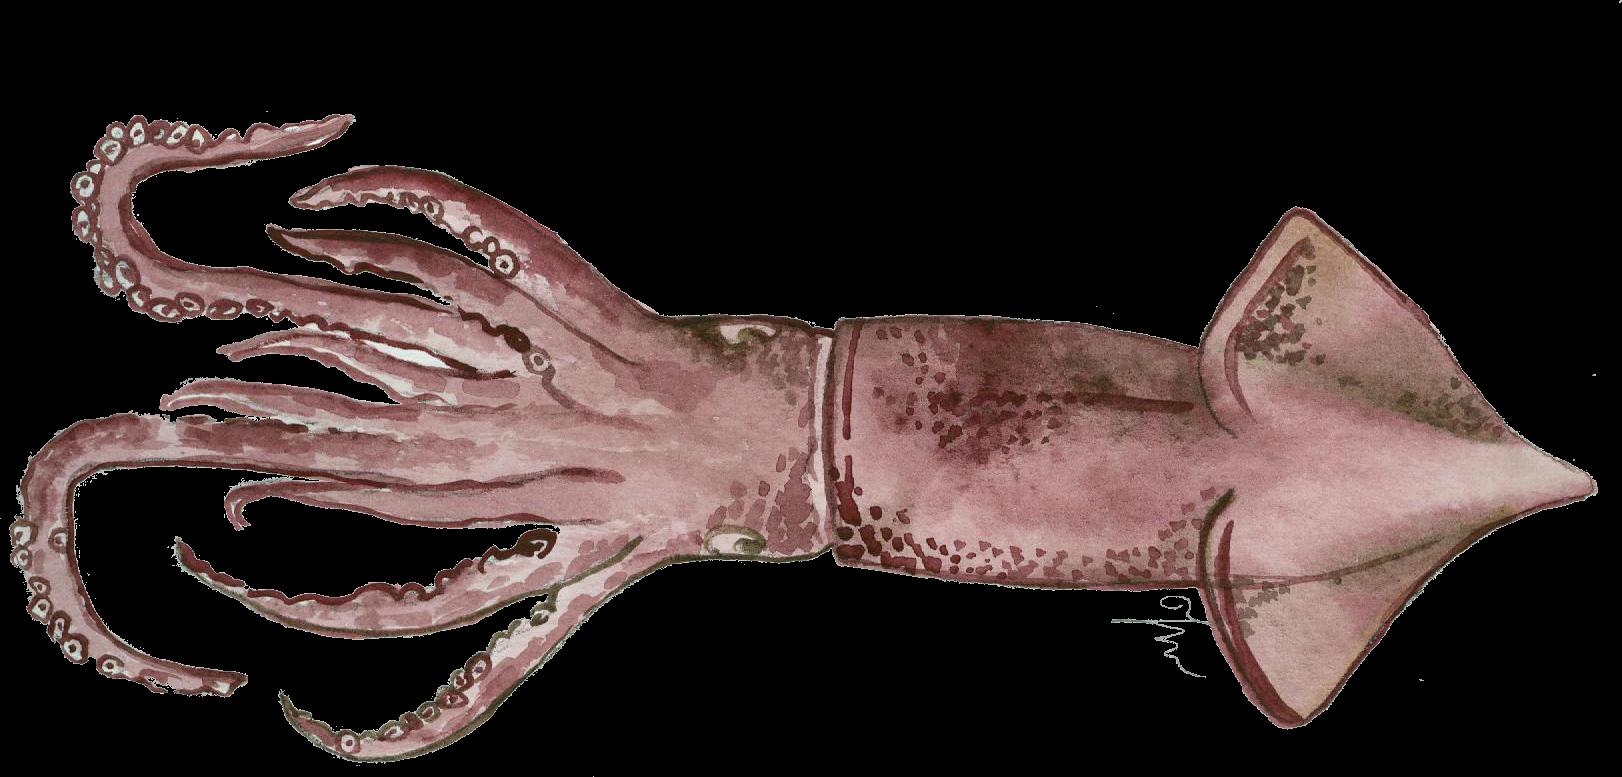 Canana. Todarodes sagittatus.